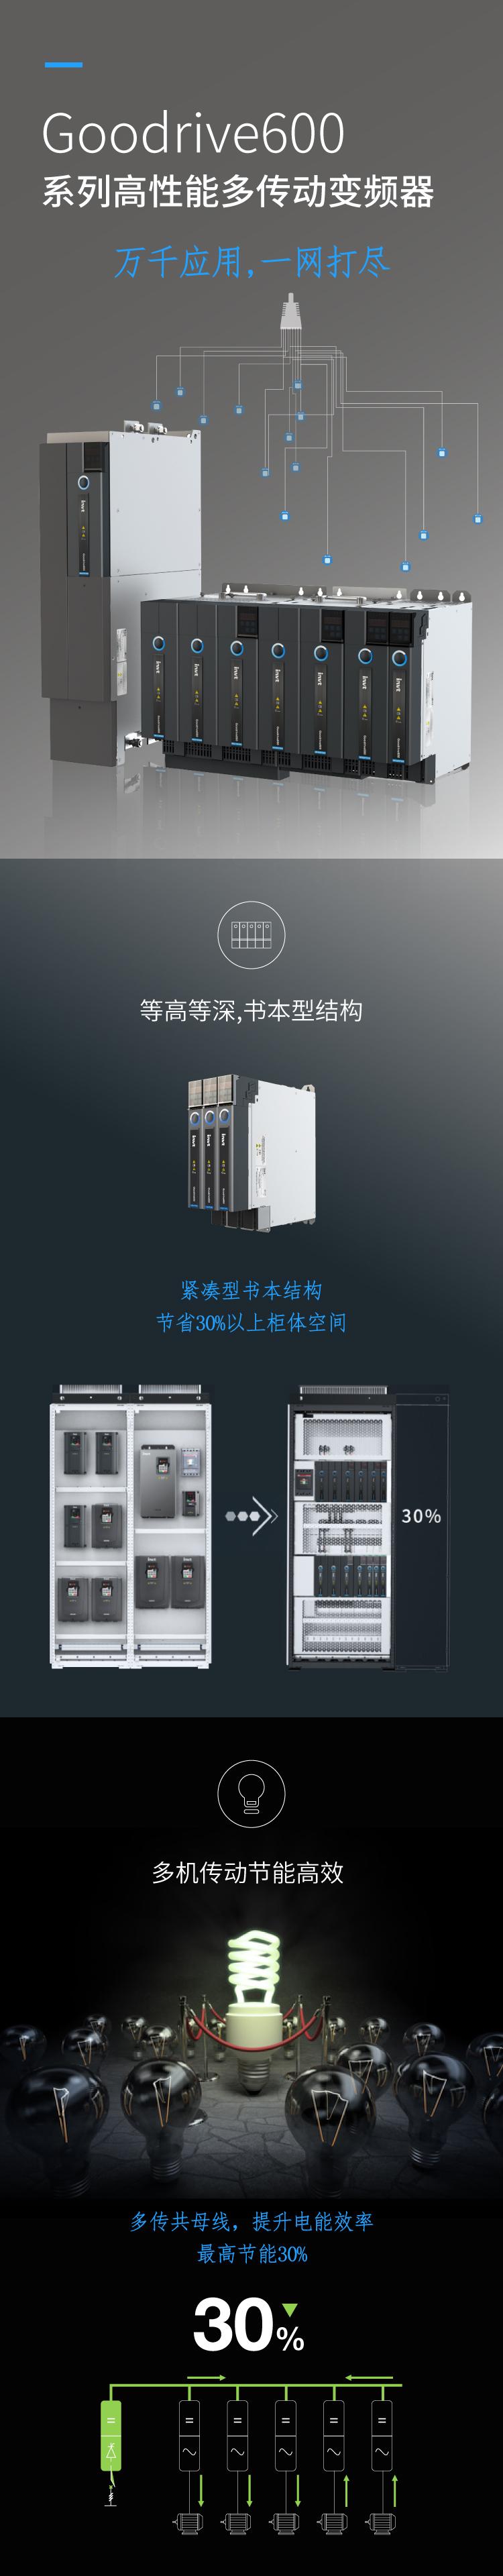 英威腾Goodrive600系列高性能多传动变频器_01